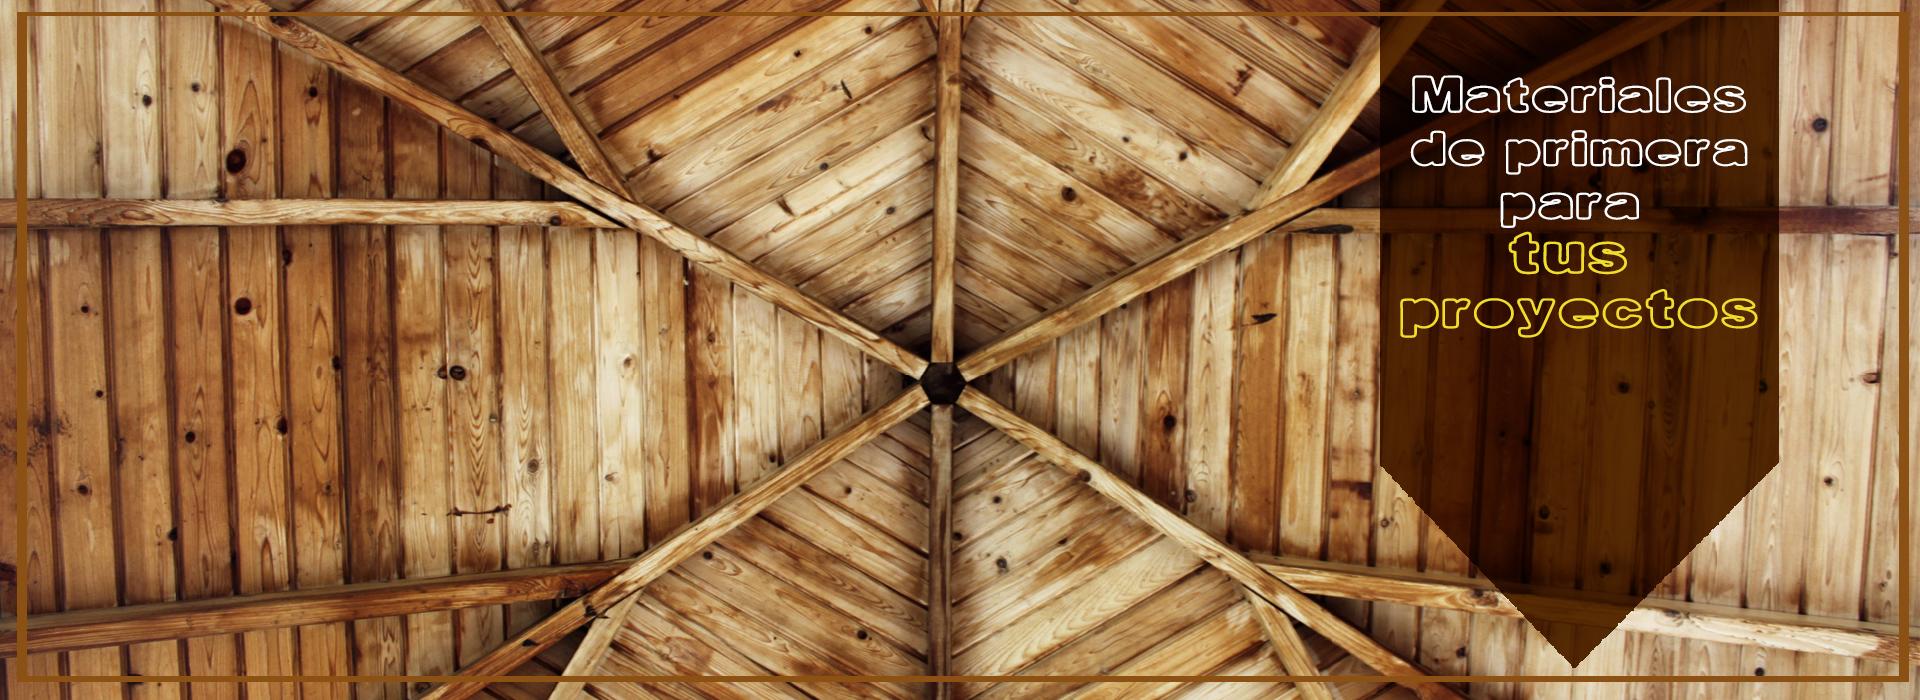 Tableros huertas tableros de madera comprar tablero - Tableros de madera medidas y precios ...